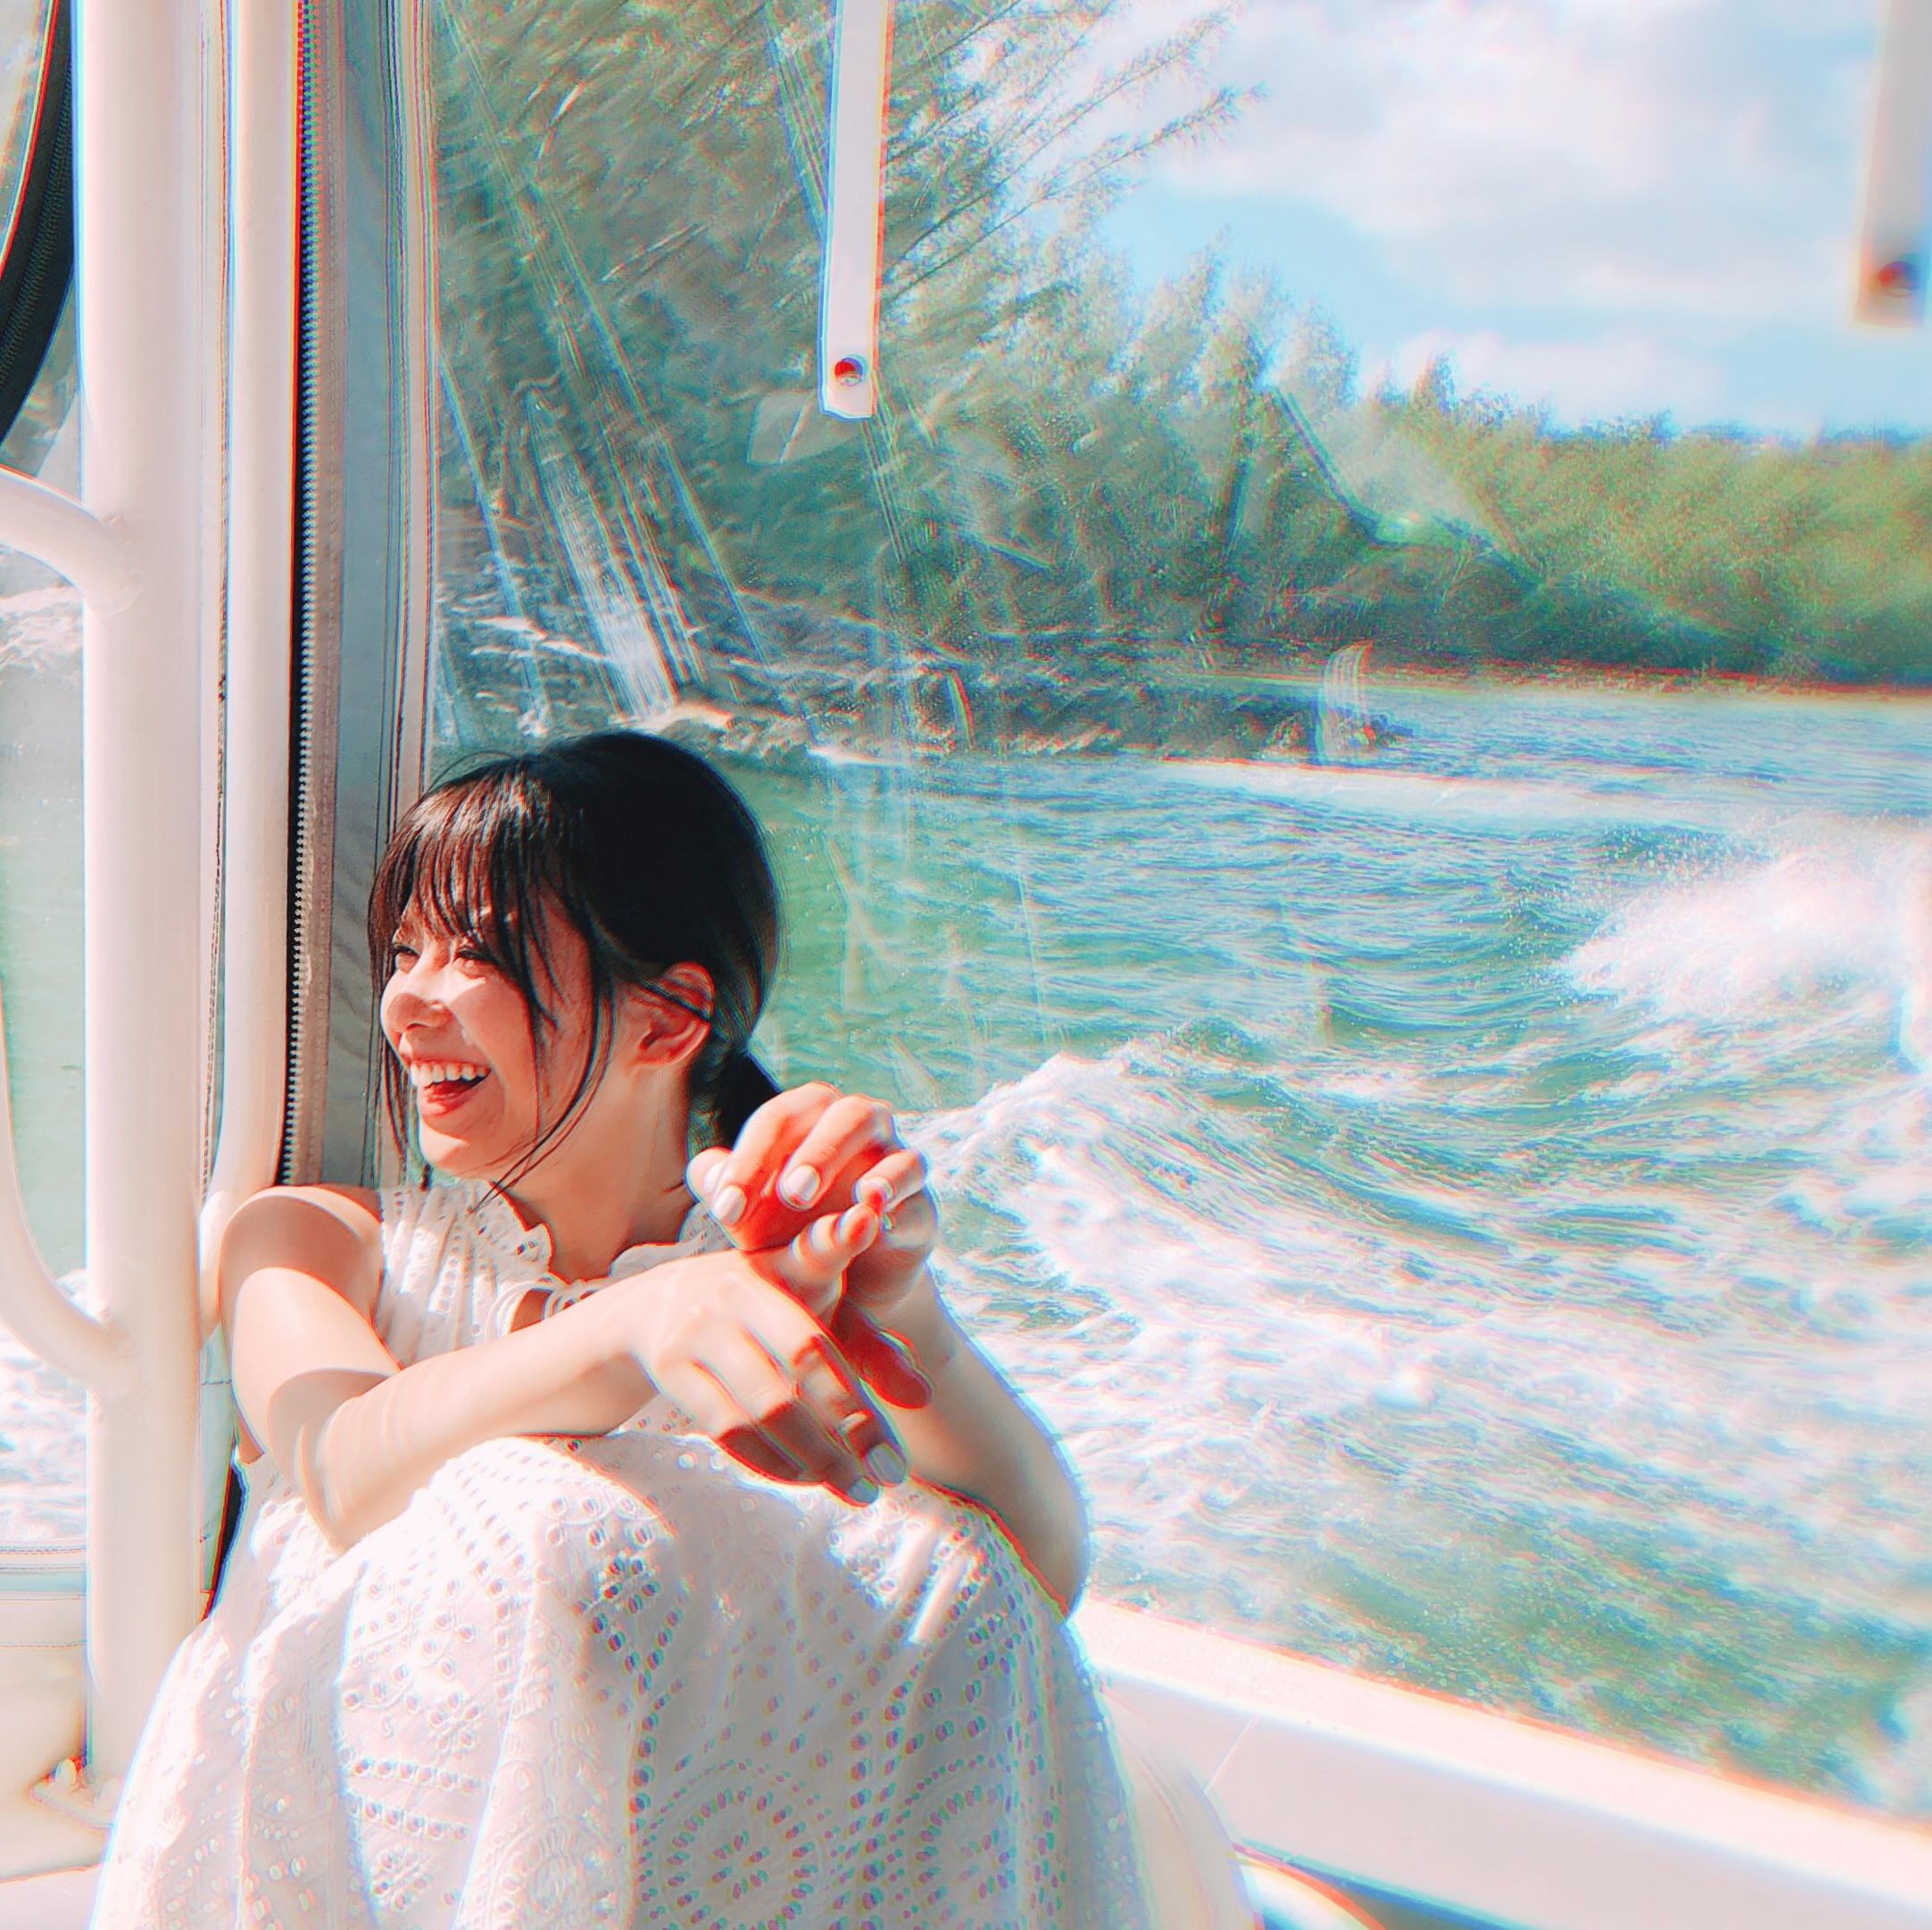 渡邉理佐写真集大ヒット中☆2週連続オリコン1位獲得!【91枚オフショ公開】_1_2-47